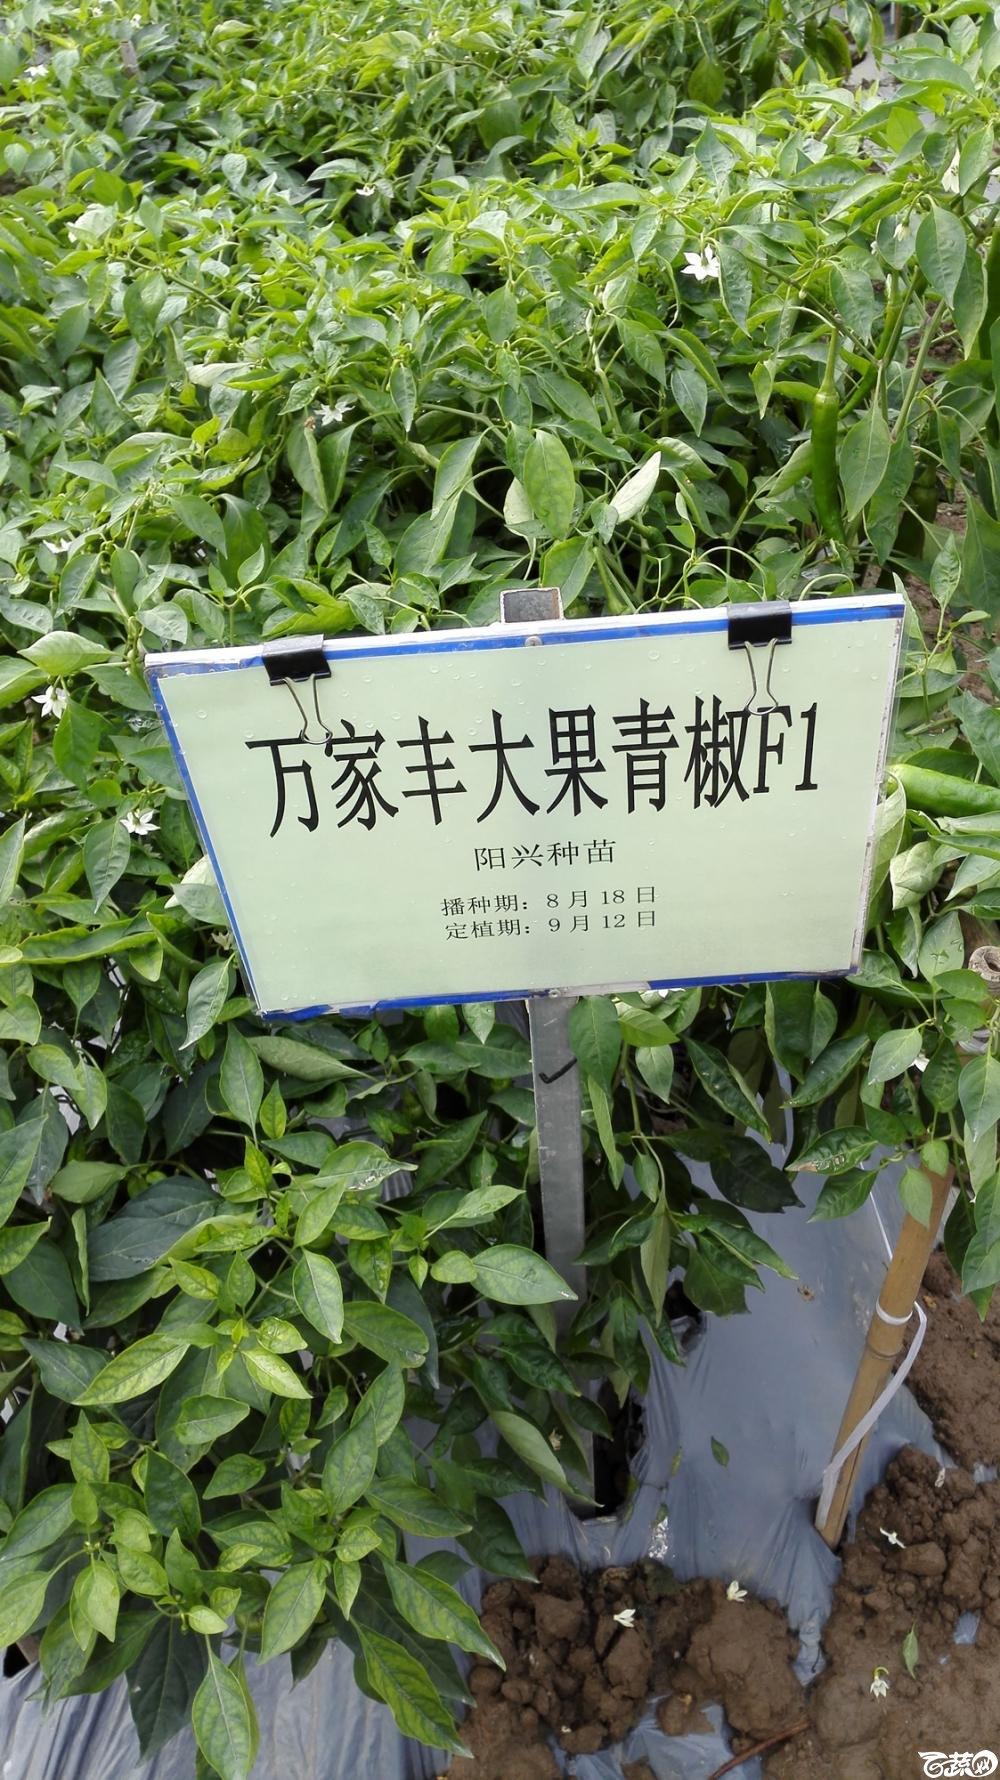 2014年12月8号中山蔬菜新品种展示会_辣椒_247.jpg